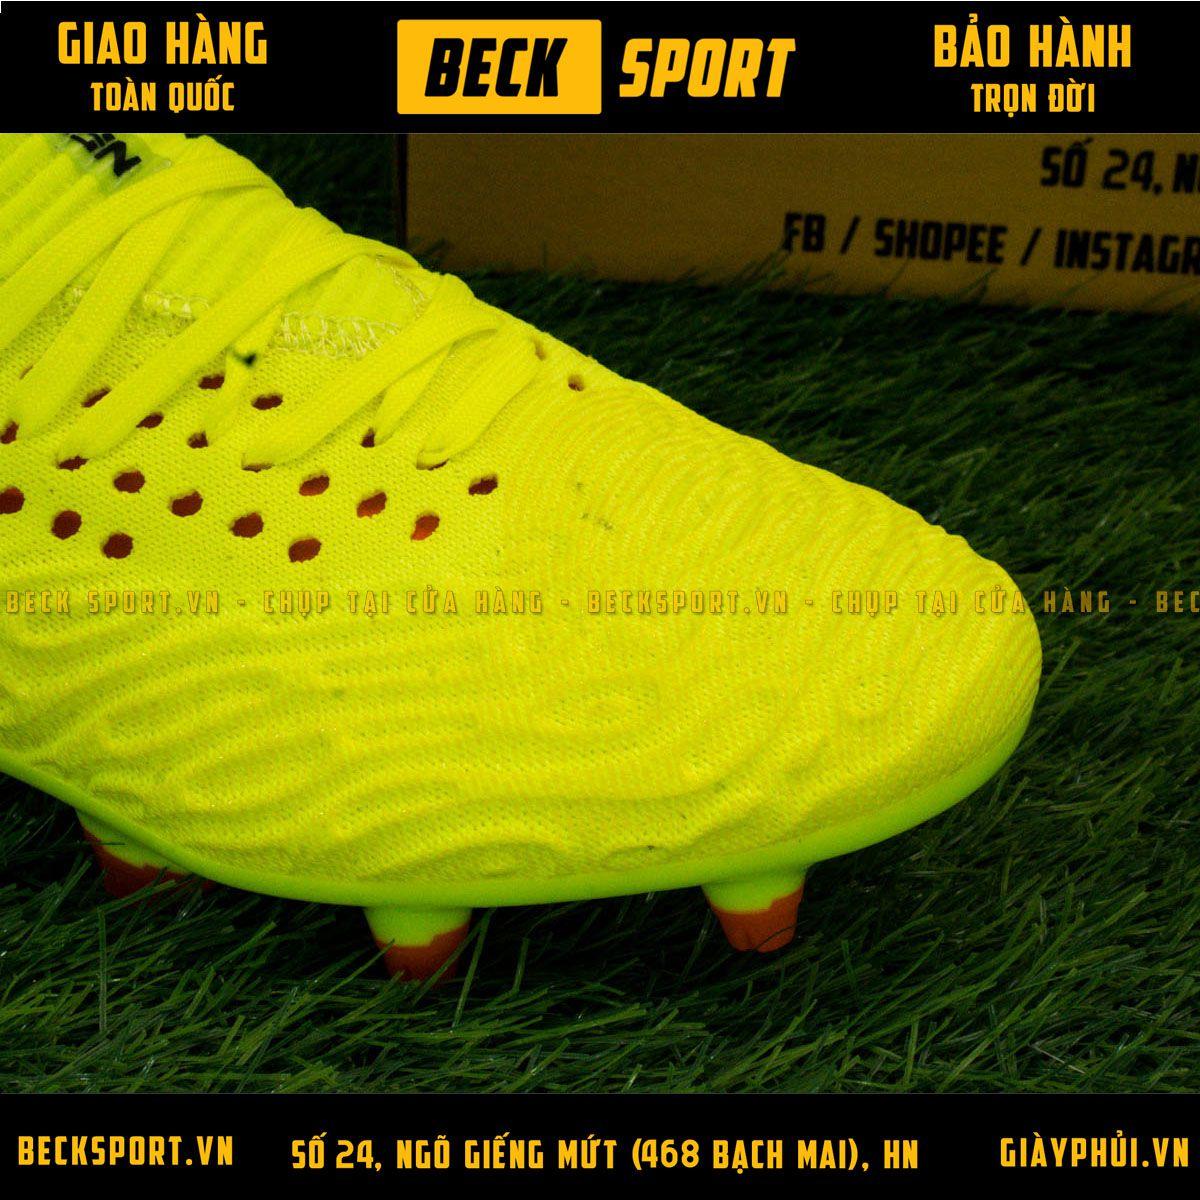 Giày Bóng Đá Puma Future 19.1 Vàng Cổ Lửng FG